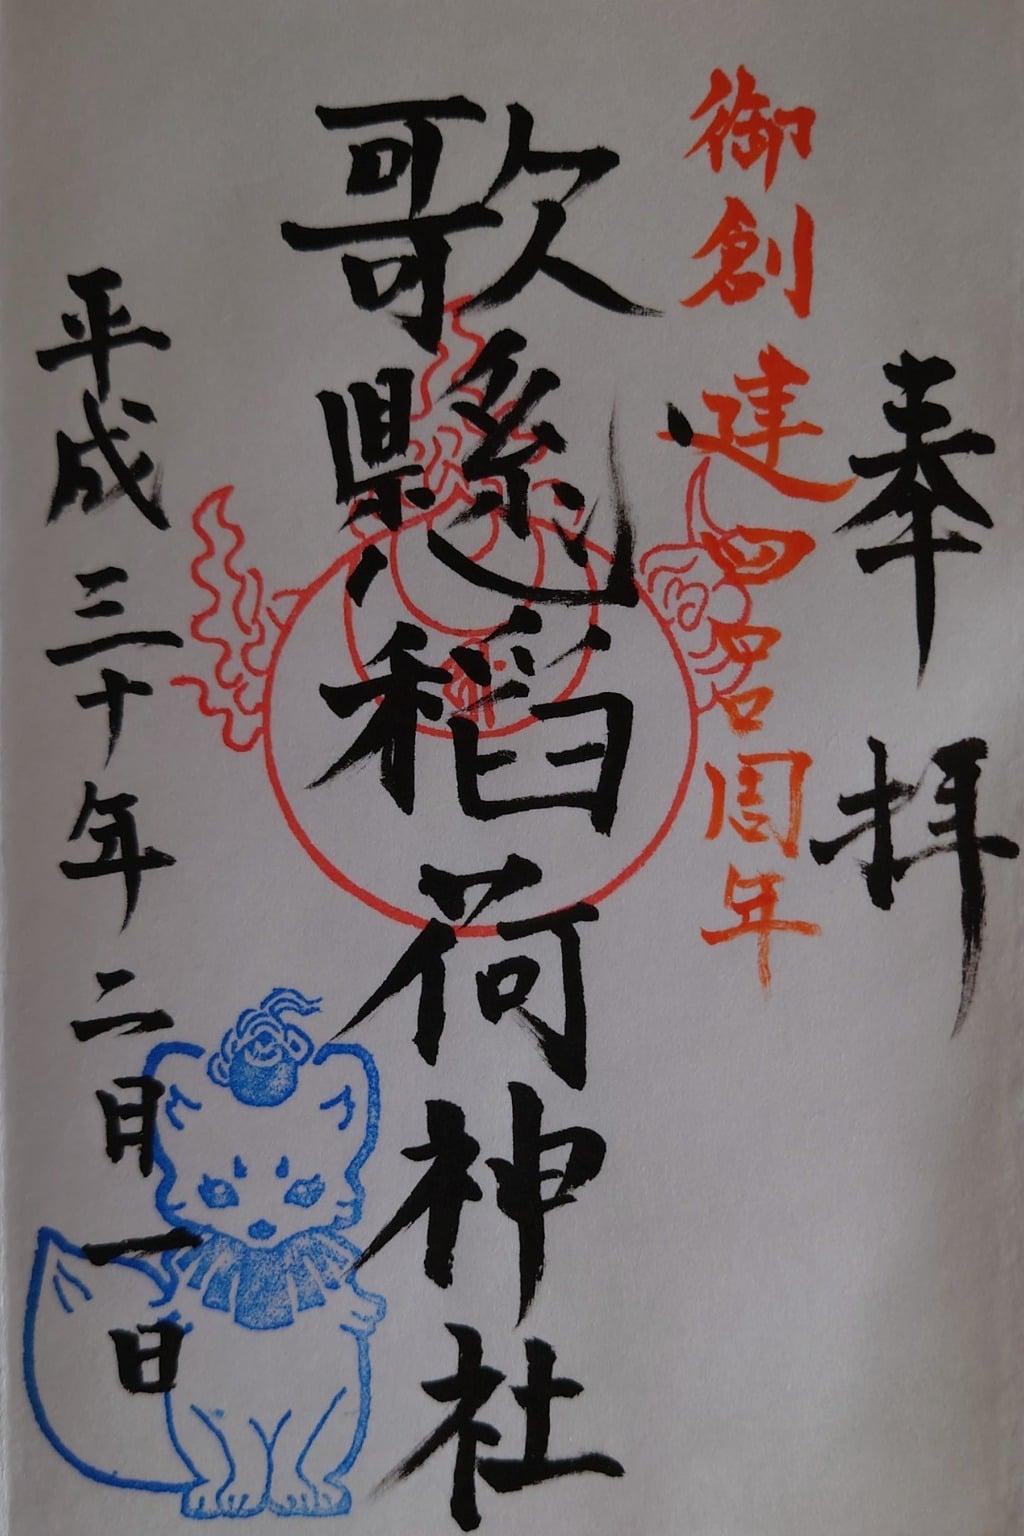 歌懸稲荷神社の御朱印